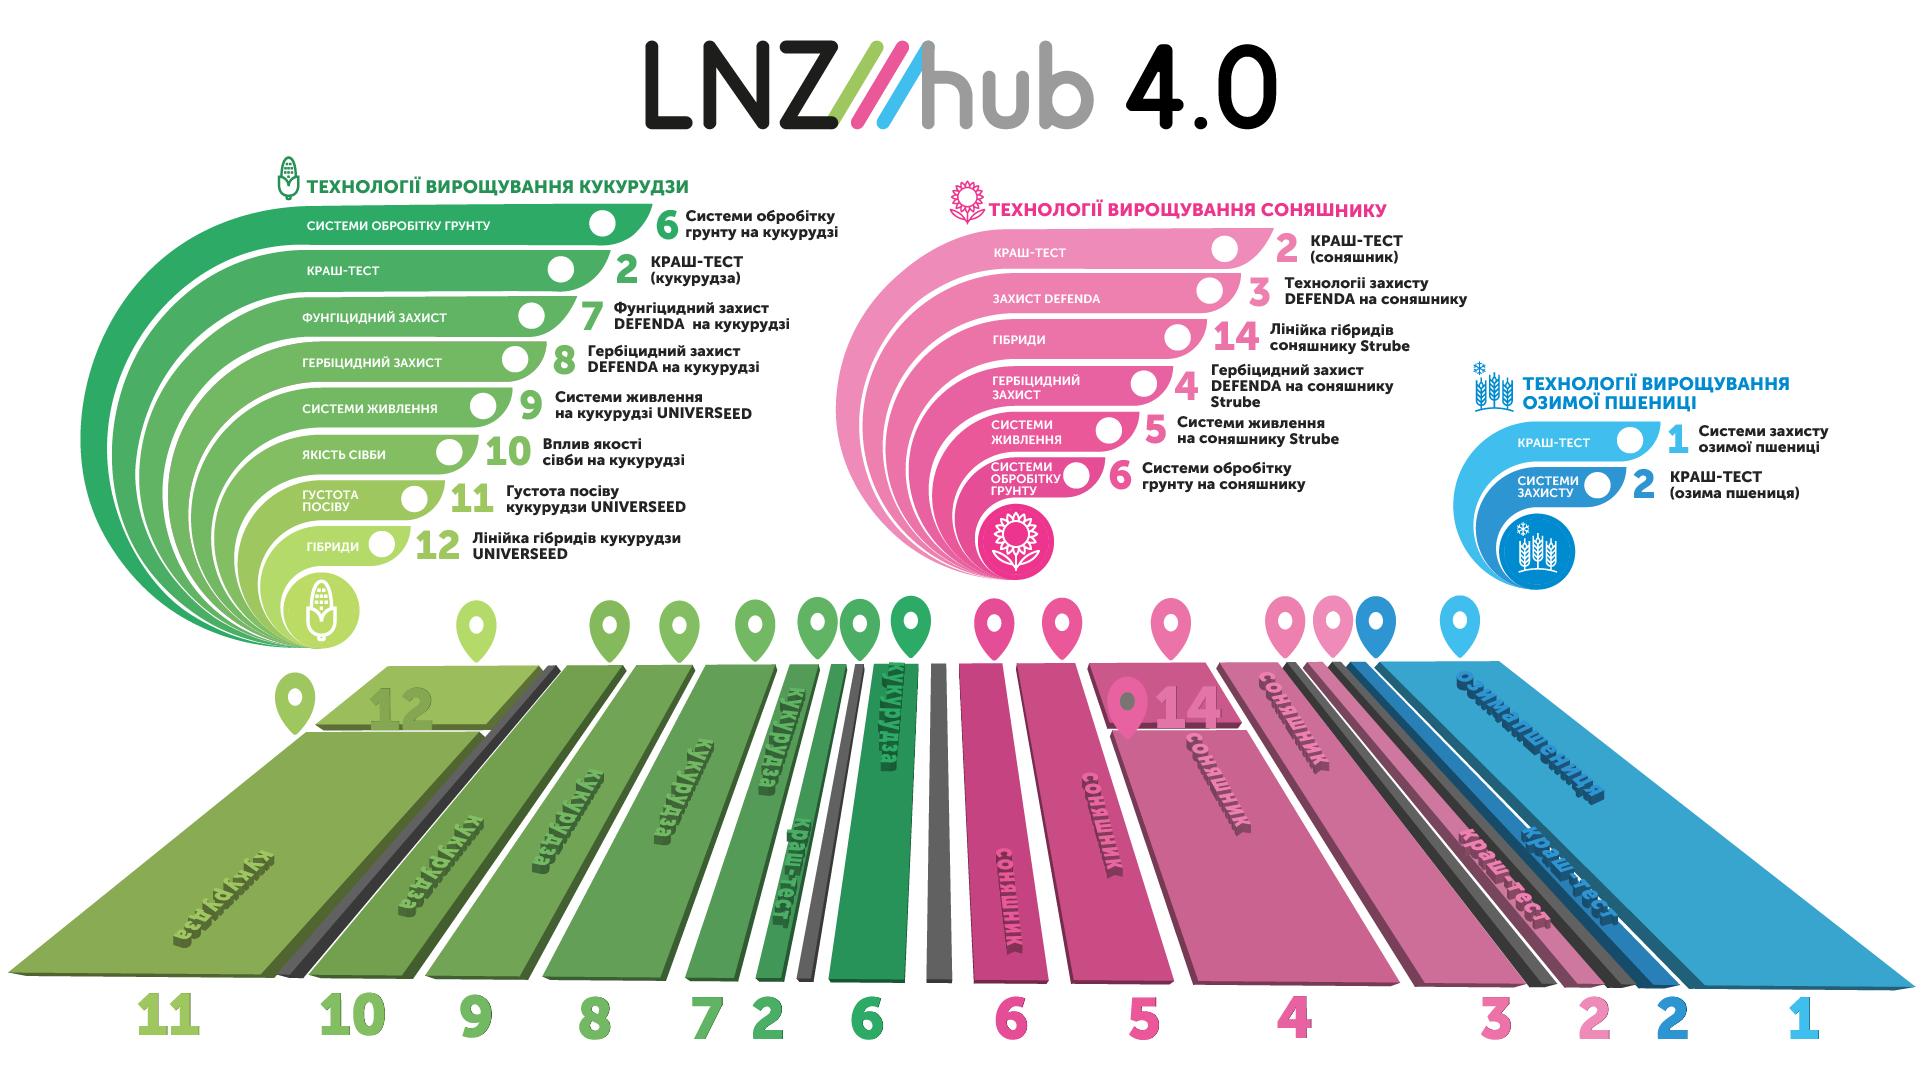 Обробіток ґрунту, норми висіву, варіанти підходів до технологій вирощування — наочно продемонструє LNZ Hub 4.0 фото 1 LNZ Group